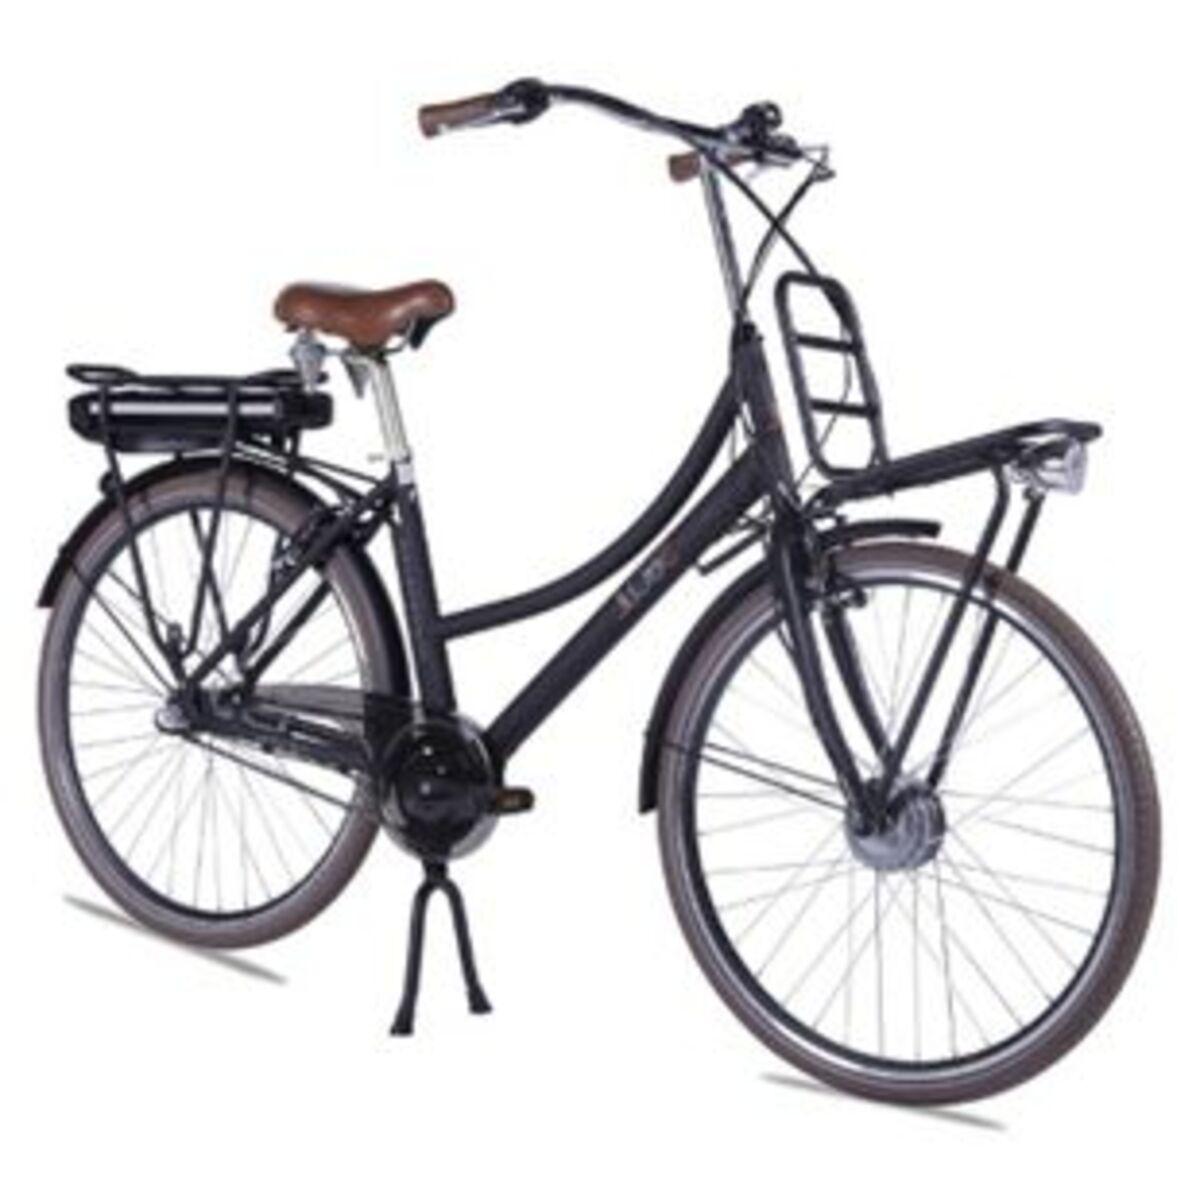 Bild 2 von Llobe Alu Elektro City Bike Rosendaal 2 28 Zoll Lady schwarz 36V/10,4Ah